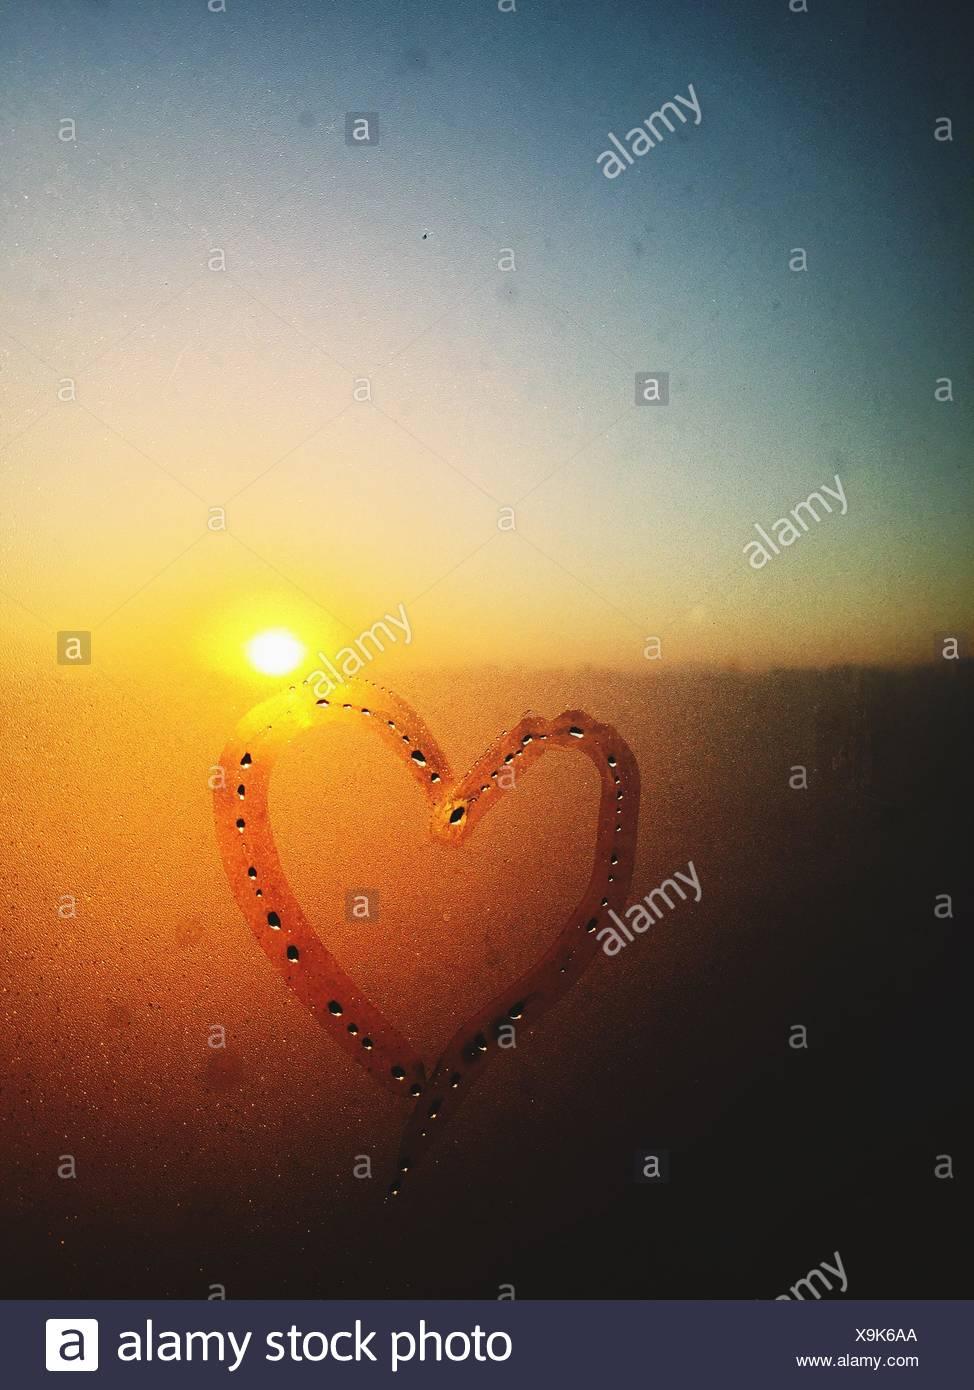 Coeur dessiné sur la fenêtre Condensé Photo Stock